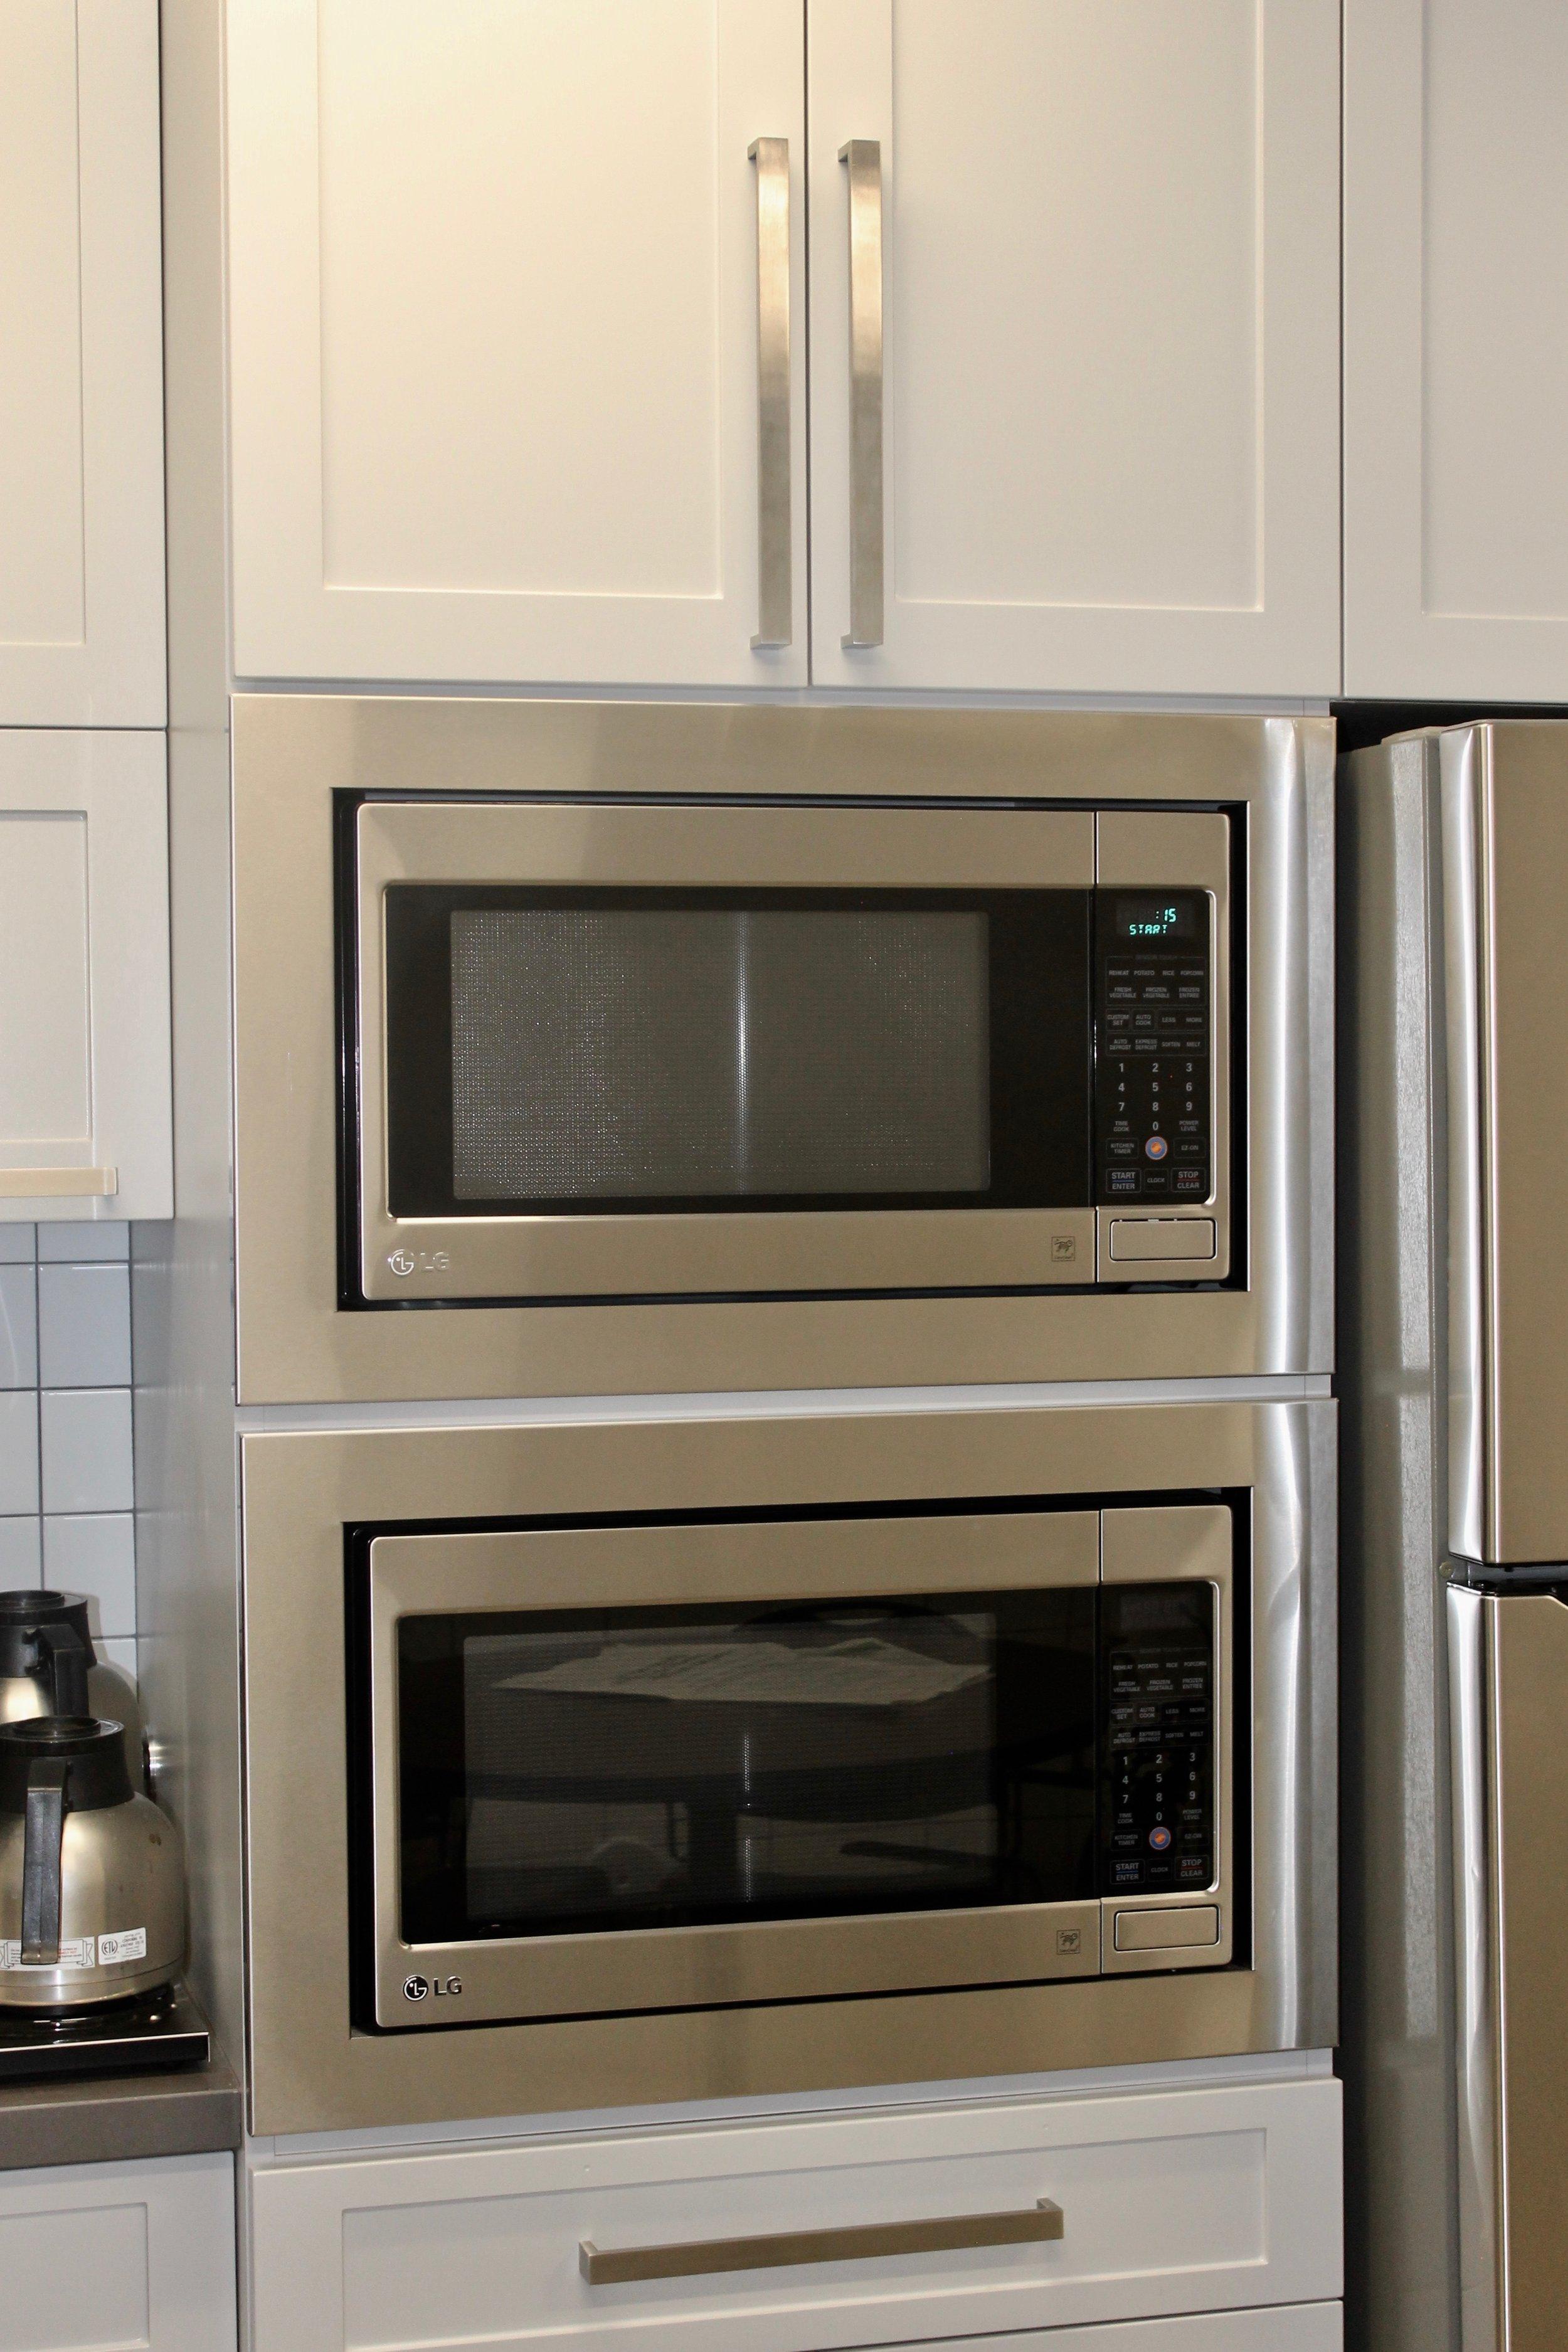 microwave photos trimkits usa